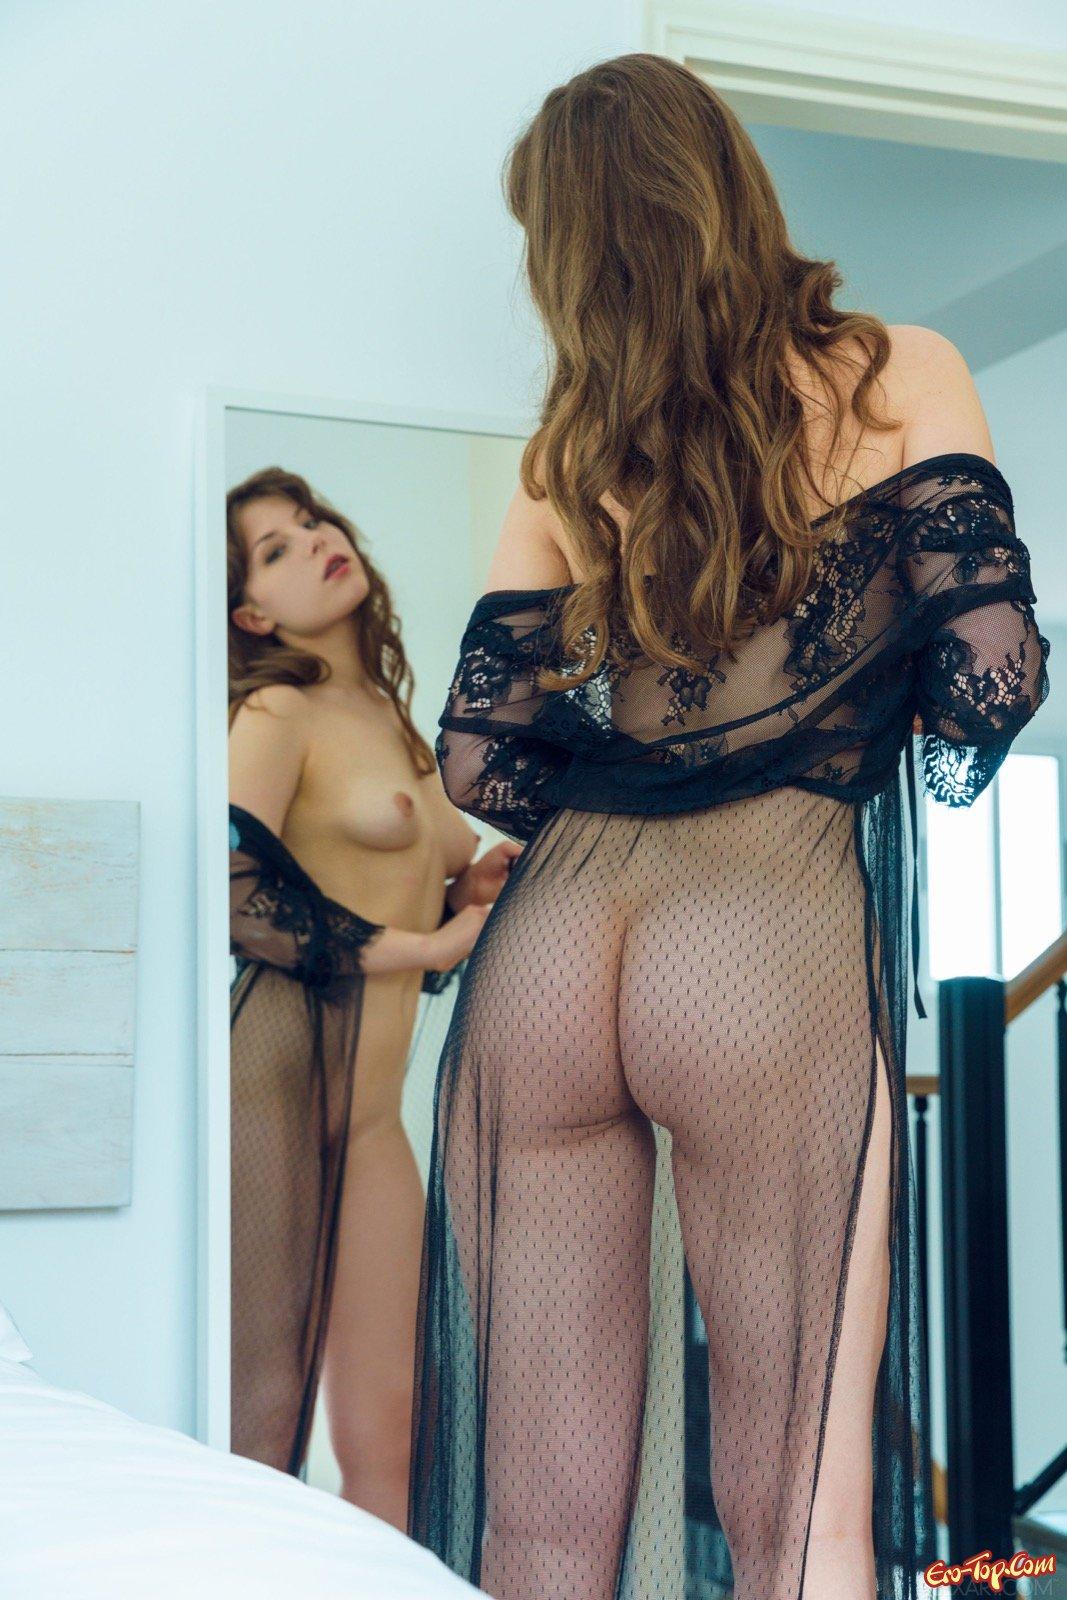 18-летняя барышня с привлекательной сракой в прозрачном халате